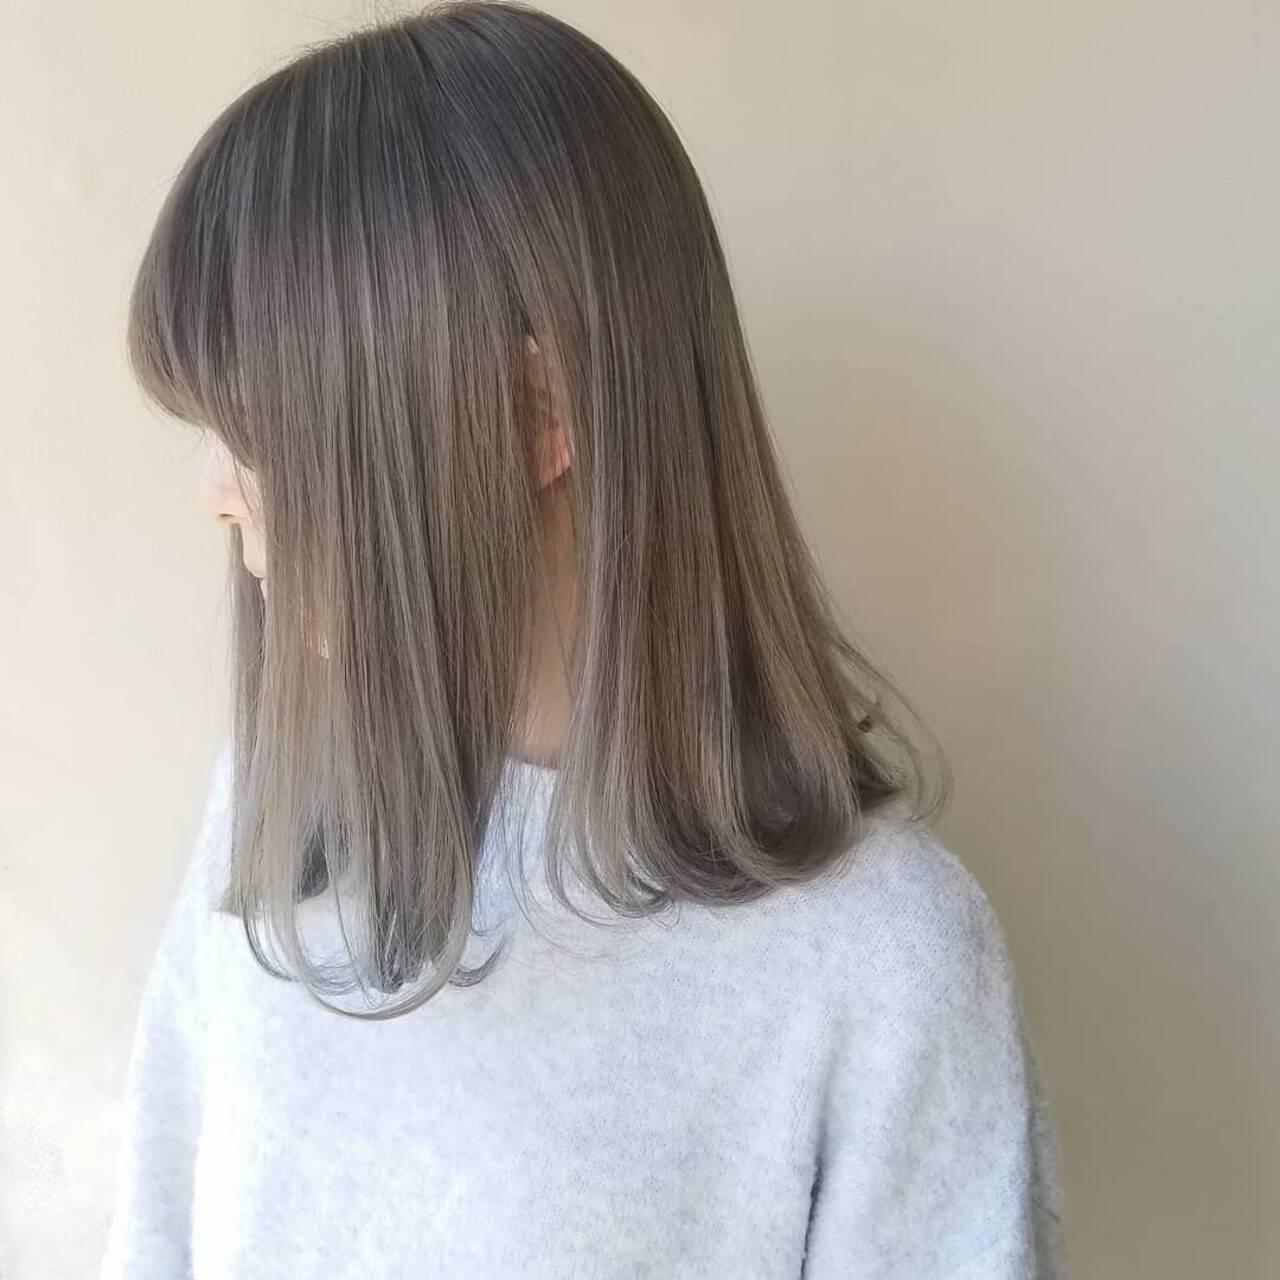 ホワイトグレージュ ナチュラル 透明感カラー ハイトーンカラーヘアスタイルや髪型の写真・画像